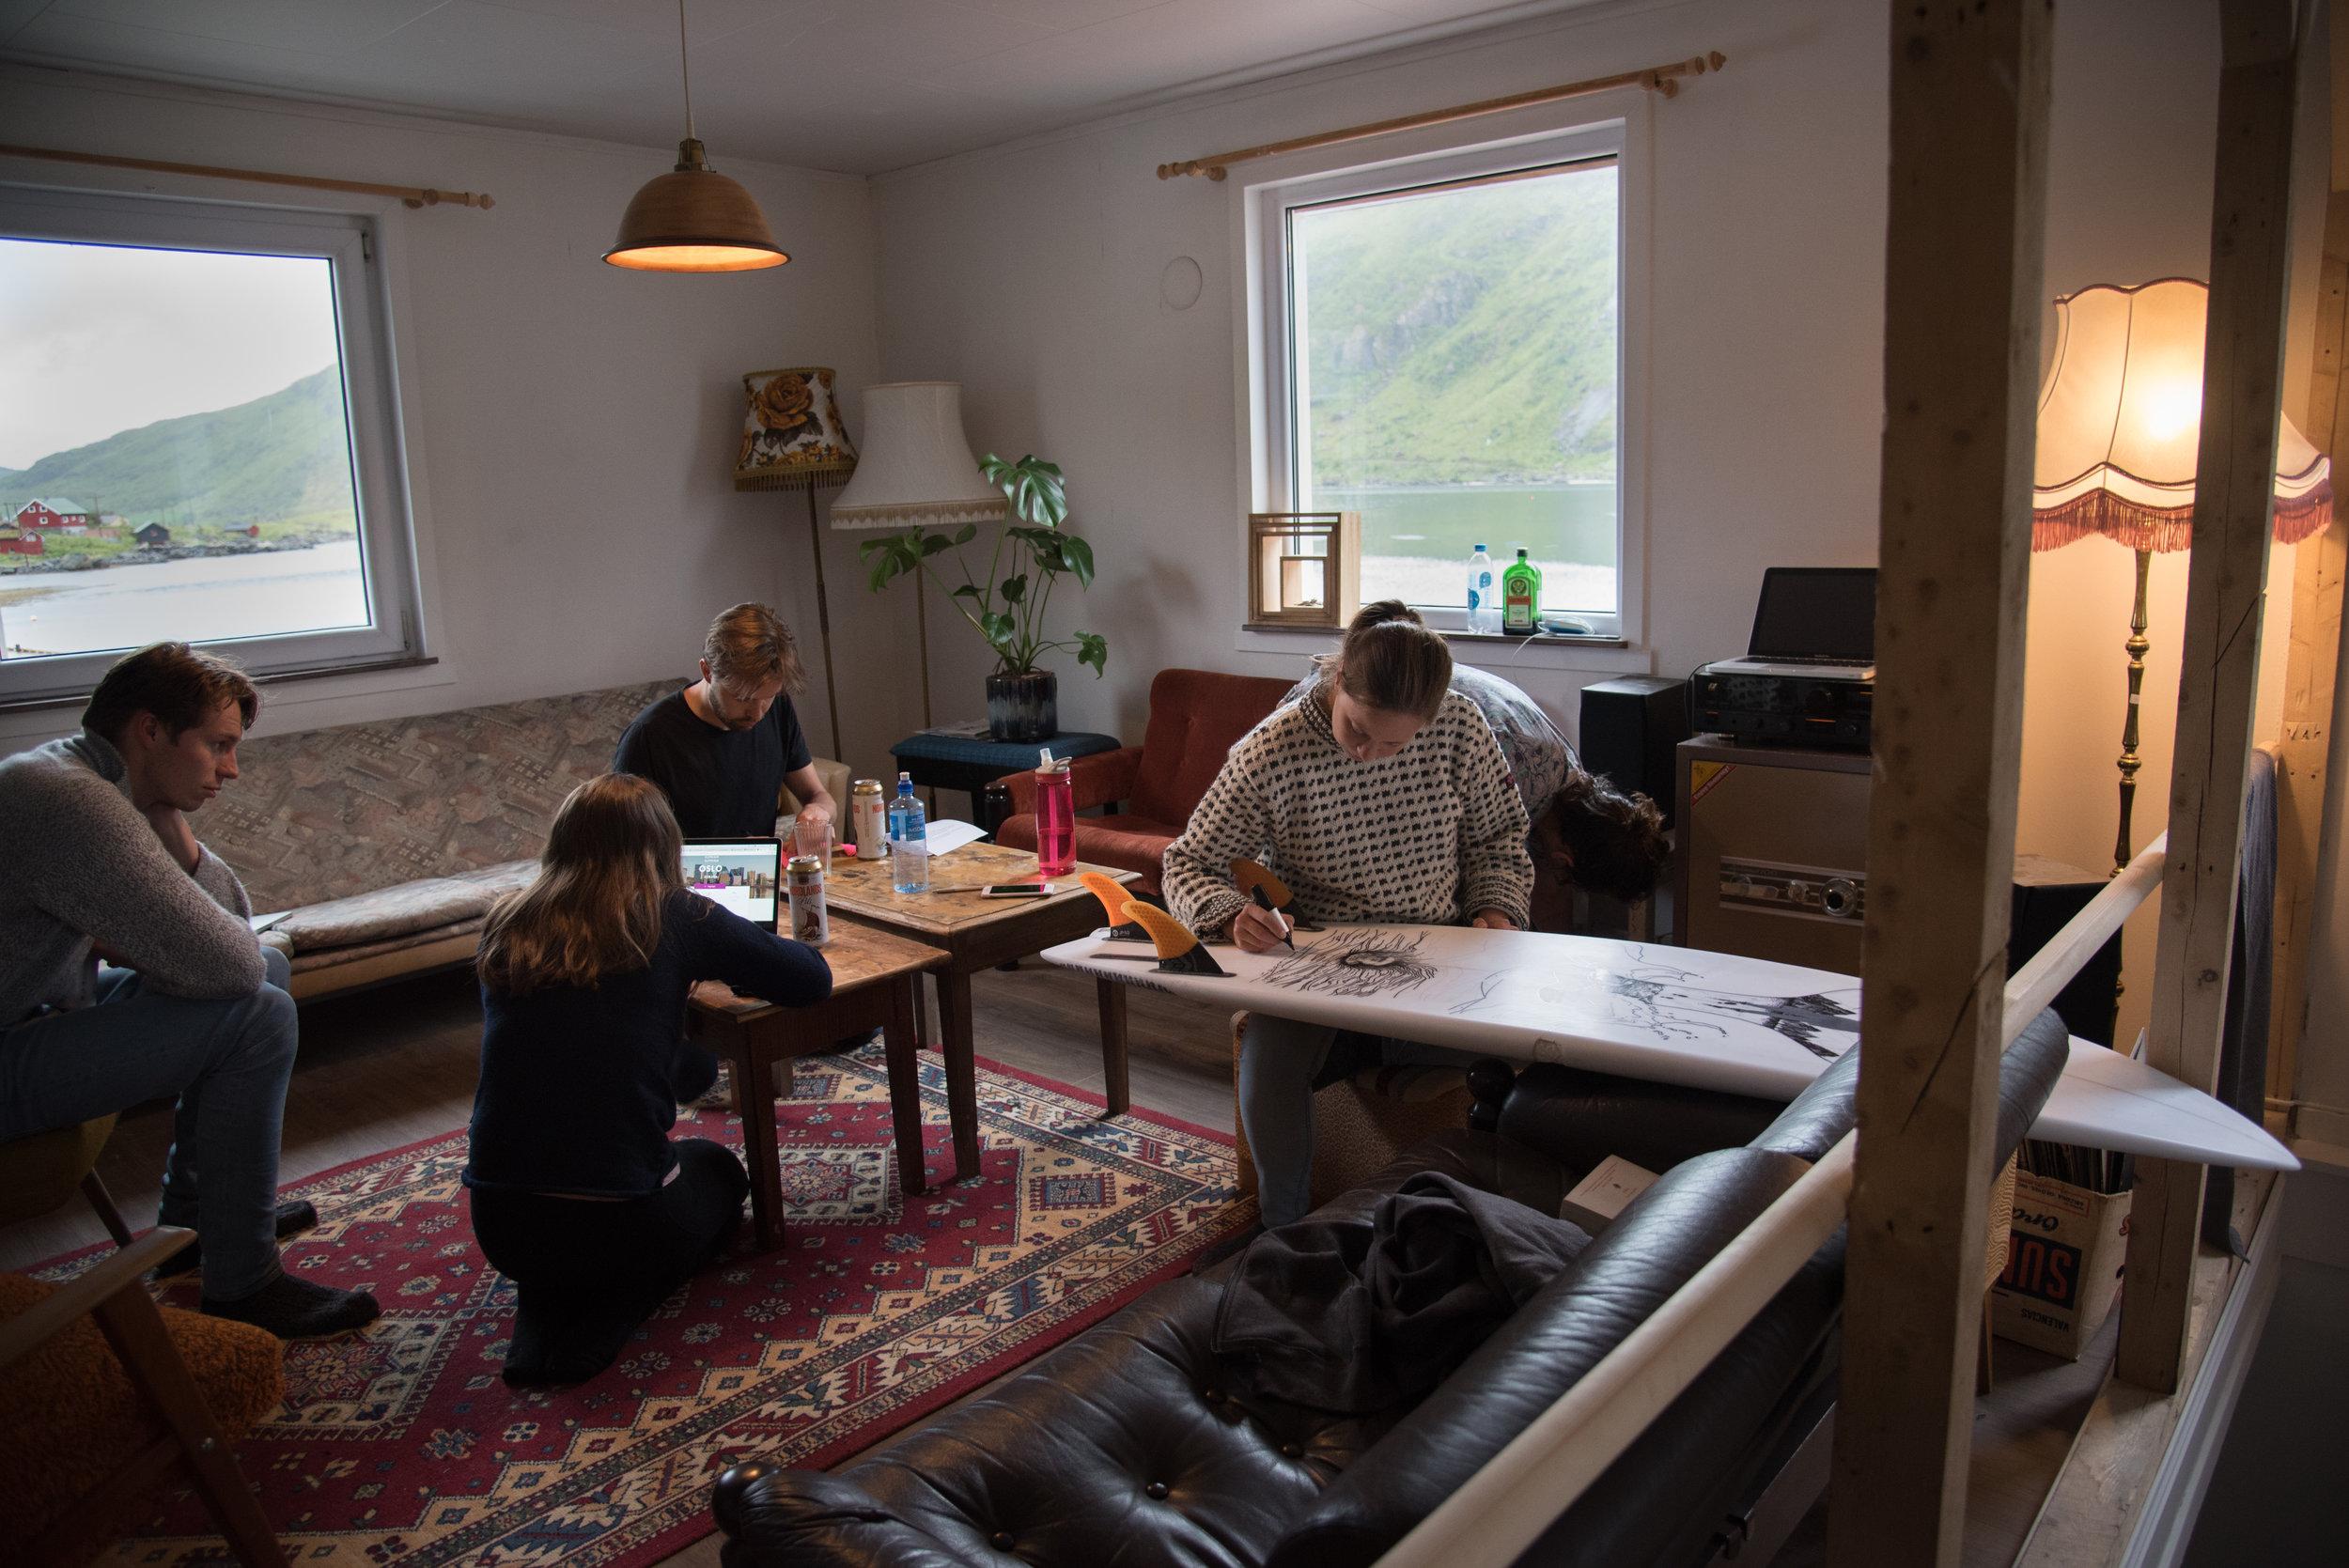 Photo by: Elise Strålberg